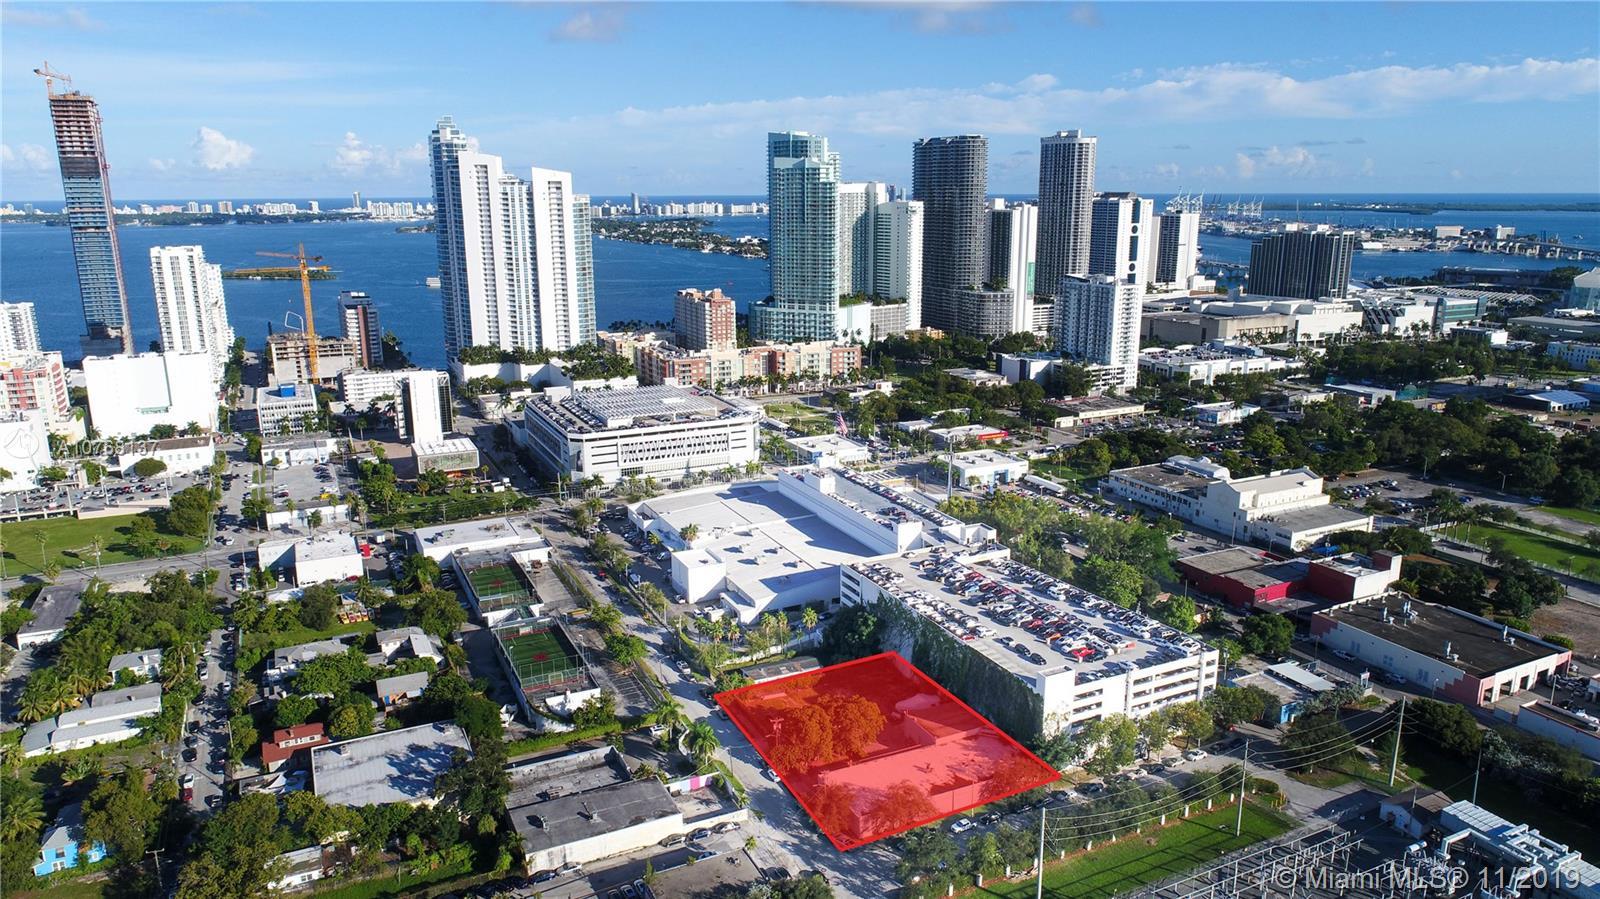 100 NE 21st St - Miami, Florida